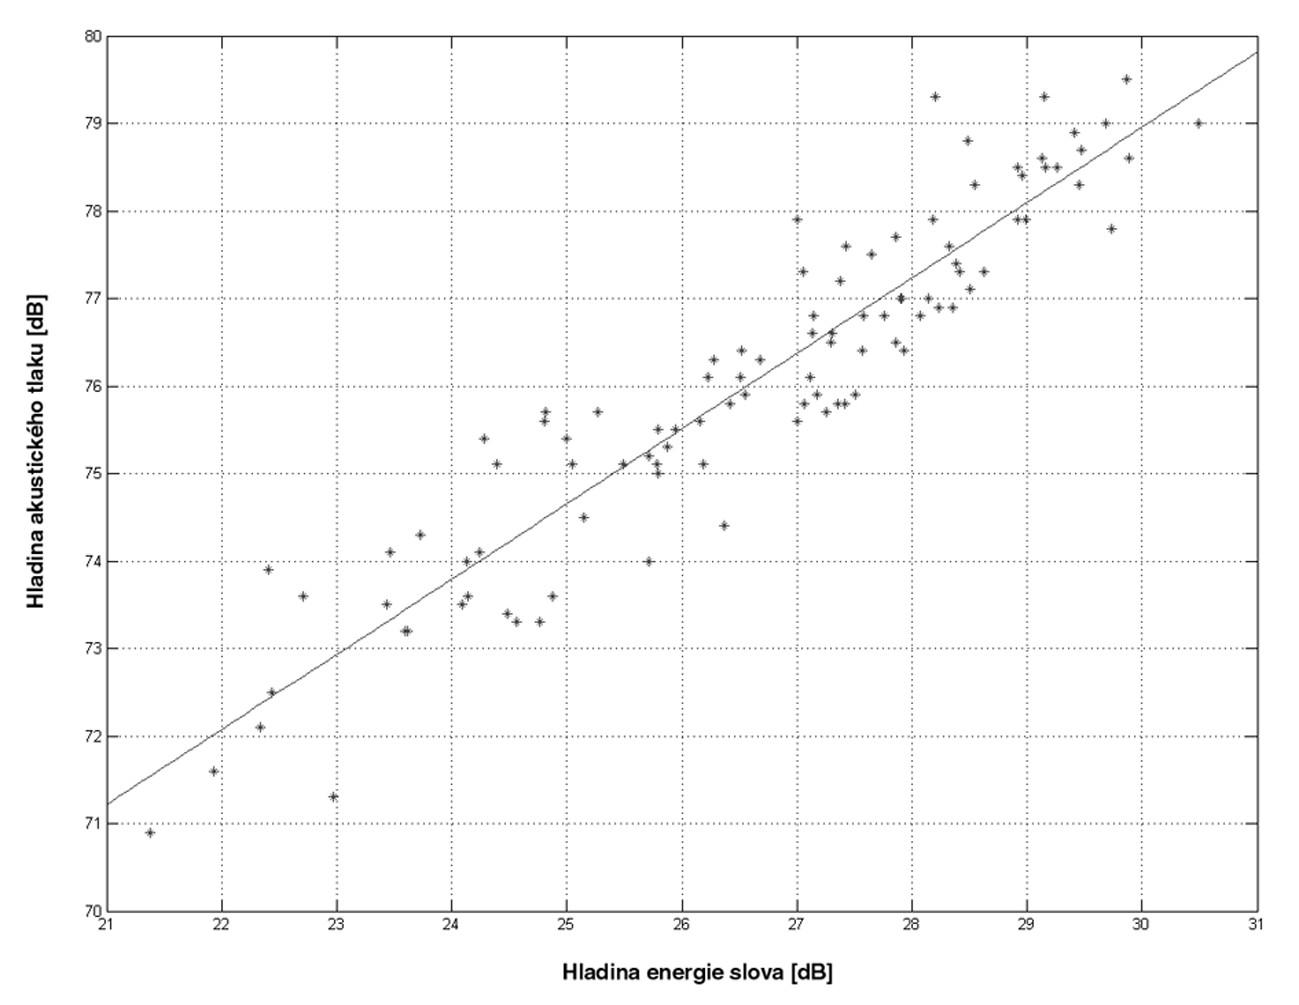 Porovnání naměřených hodnot maximální hladiny akustického tlaku v audiometrické kabině s hladinou energie slova.